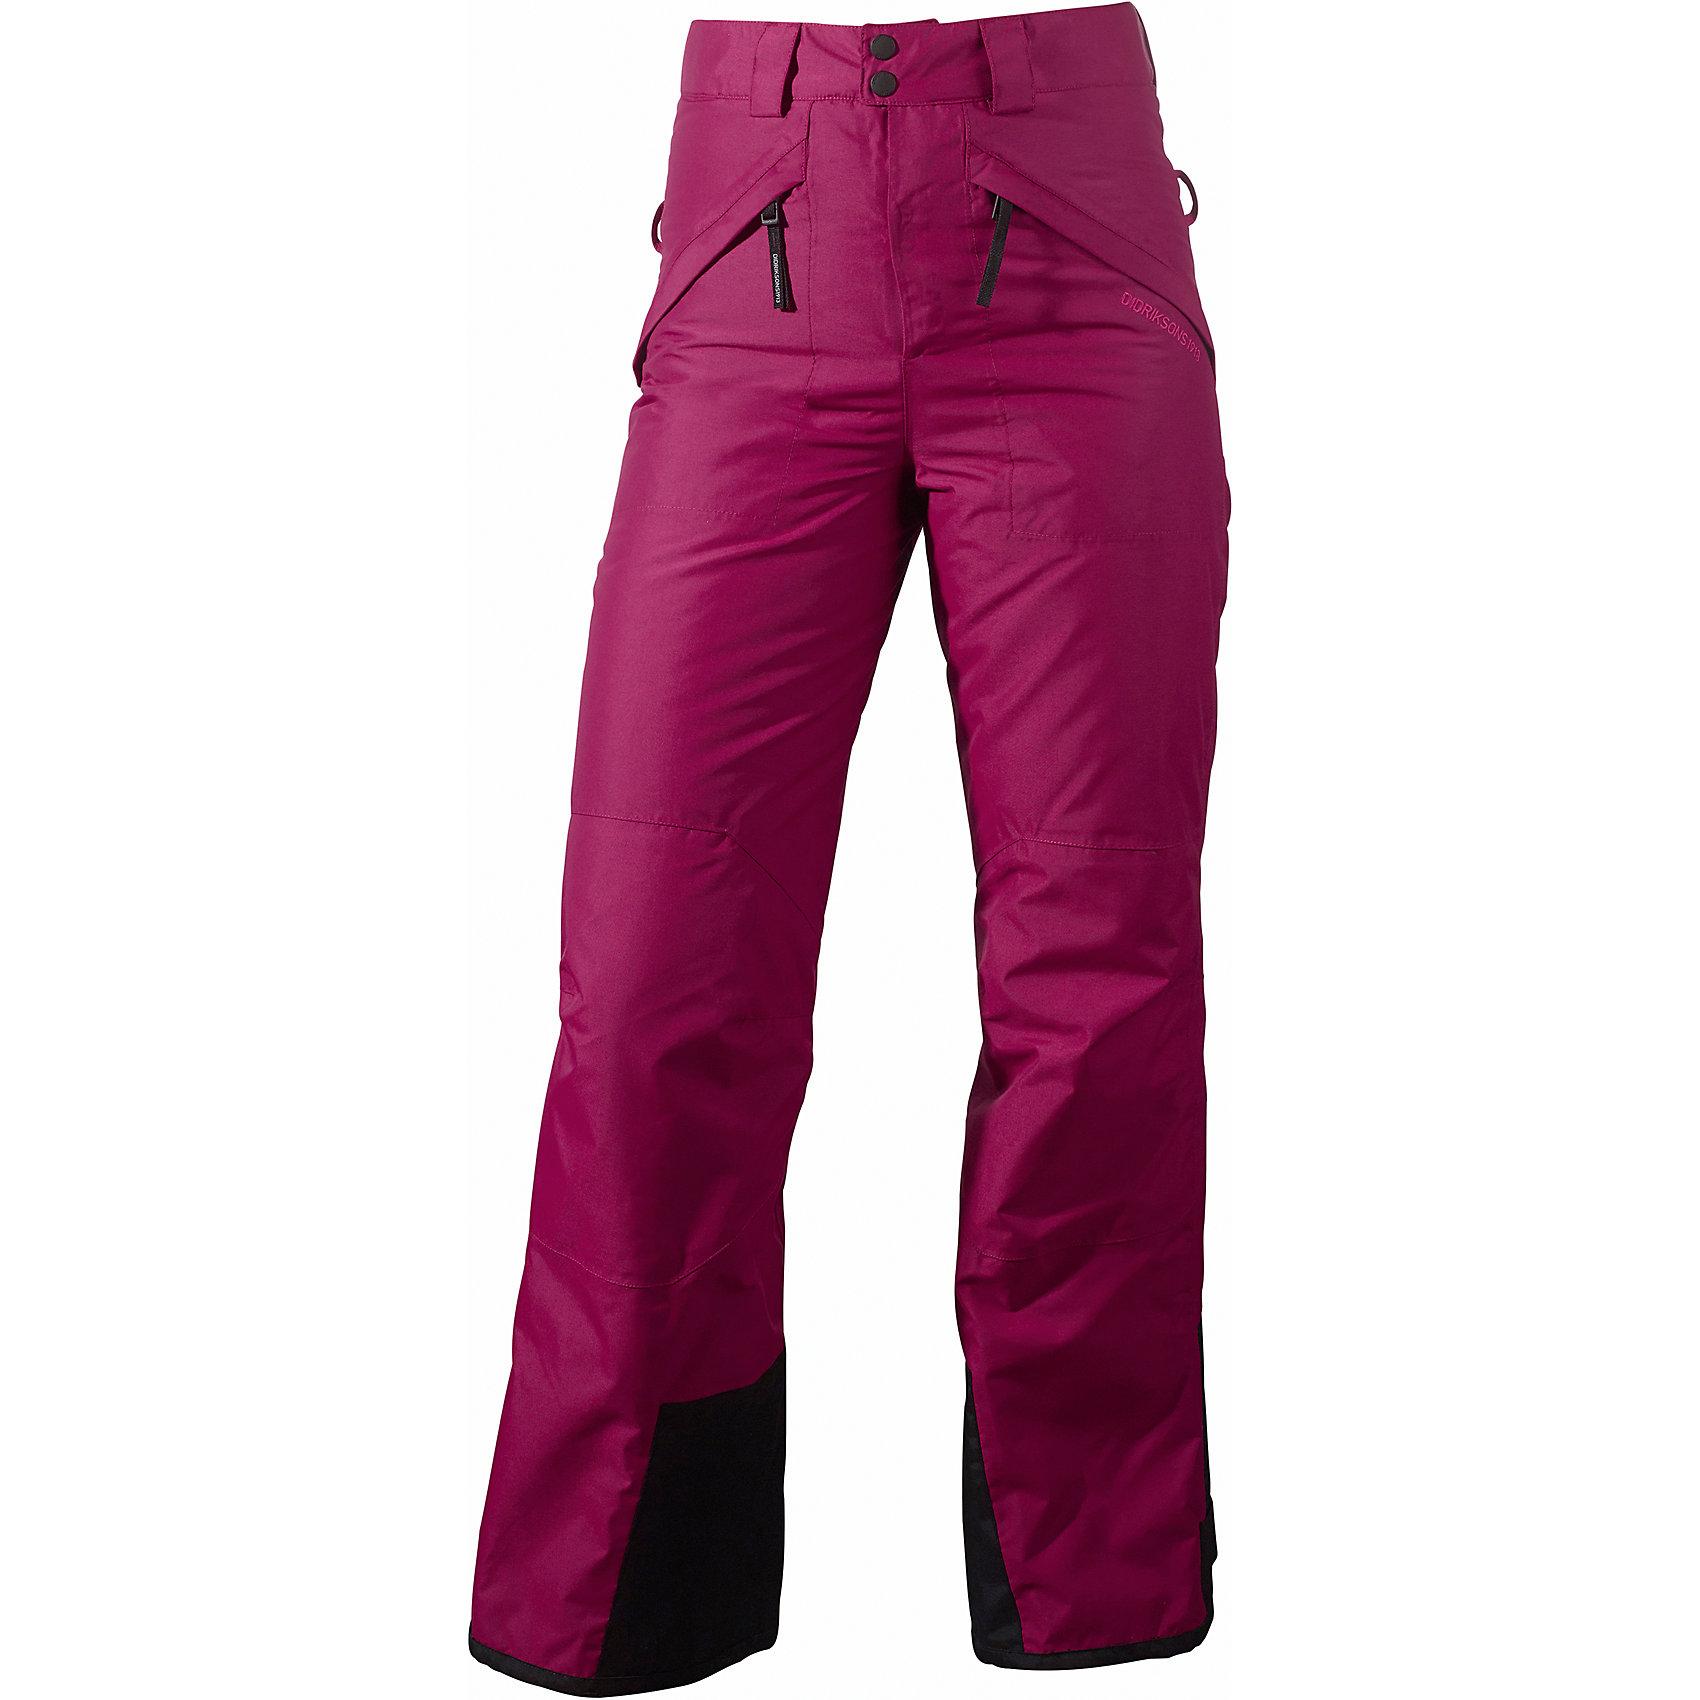 Брюки Svea для девочки DIDRIKSONSВерхняя одежда<br>Характеристики товара:<br><br>• цвет: фиолетовый<br>• материал: 100% полиамид, подкладка 100% полиэстер<br>• утеплитель: 60 г/м<br>• сезон: зима, демисезон<br>• температурный режим от +5 до -10С<br>• непромокаемая и непродуваемая мембранная ткань<br>• высокая посадка<br>• дополнительная пропитка верха<br>• прокленные швы<br>• талия и низ штанин регулируется<br>• внутренние гетры<br>• ширинка на молнии<br>• страна бренда: Швеция<br>• страна производства: Китай<br><br>Такие брюки незаменимы в холодную и сырую погоду! Это не только стильно, но еще и очень комфортно, а также тепло. Они обеспечат ребенку удобство при прогулках и активном отдыхе зимой. Брюки от шведского производителя отлично подойдут под российские погодные условия.<br>Модель сшита из мембранной ткани, которая позволяет телу дышать, но при этом не промокает и не продувается. Очень стильная и удобная модель! Изделие качественно выполнено, сделано из безопасных для детей материалов. <br><br>Брюки для девочки от бренда DIDRIKSONS можно купить в нашем интернет-магазине.<br><br>Ширина мм: 215<br>Глубина мм: 88<br>Высота мм: 191<br>Вес г: 336<br>Цвет: фиолетовый<br>Возраст от месяцев: 132<br>Возраст до месяцев: 144<br>Пол: Женский<br>Возраст: Детский<br>Размер: 150,170,160<br>SKU: 5003962